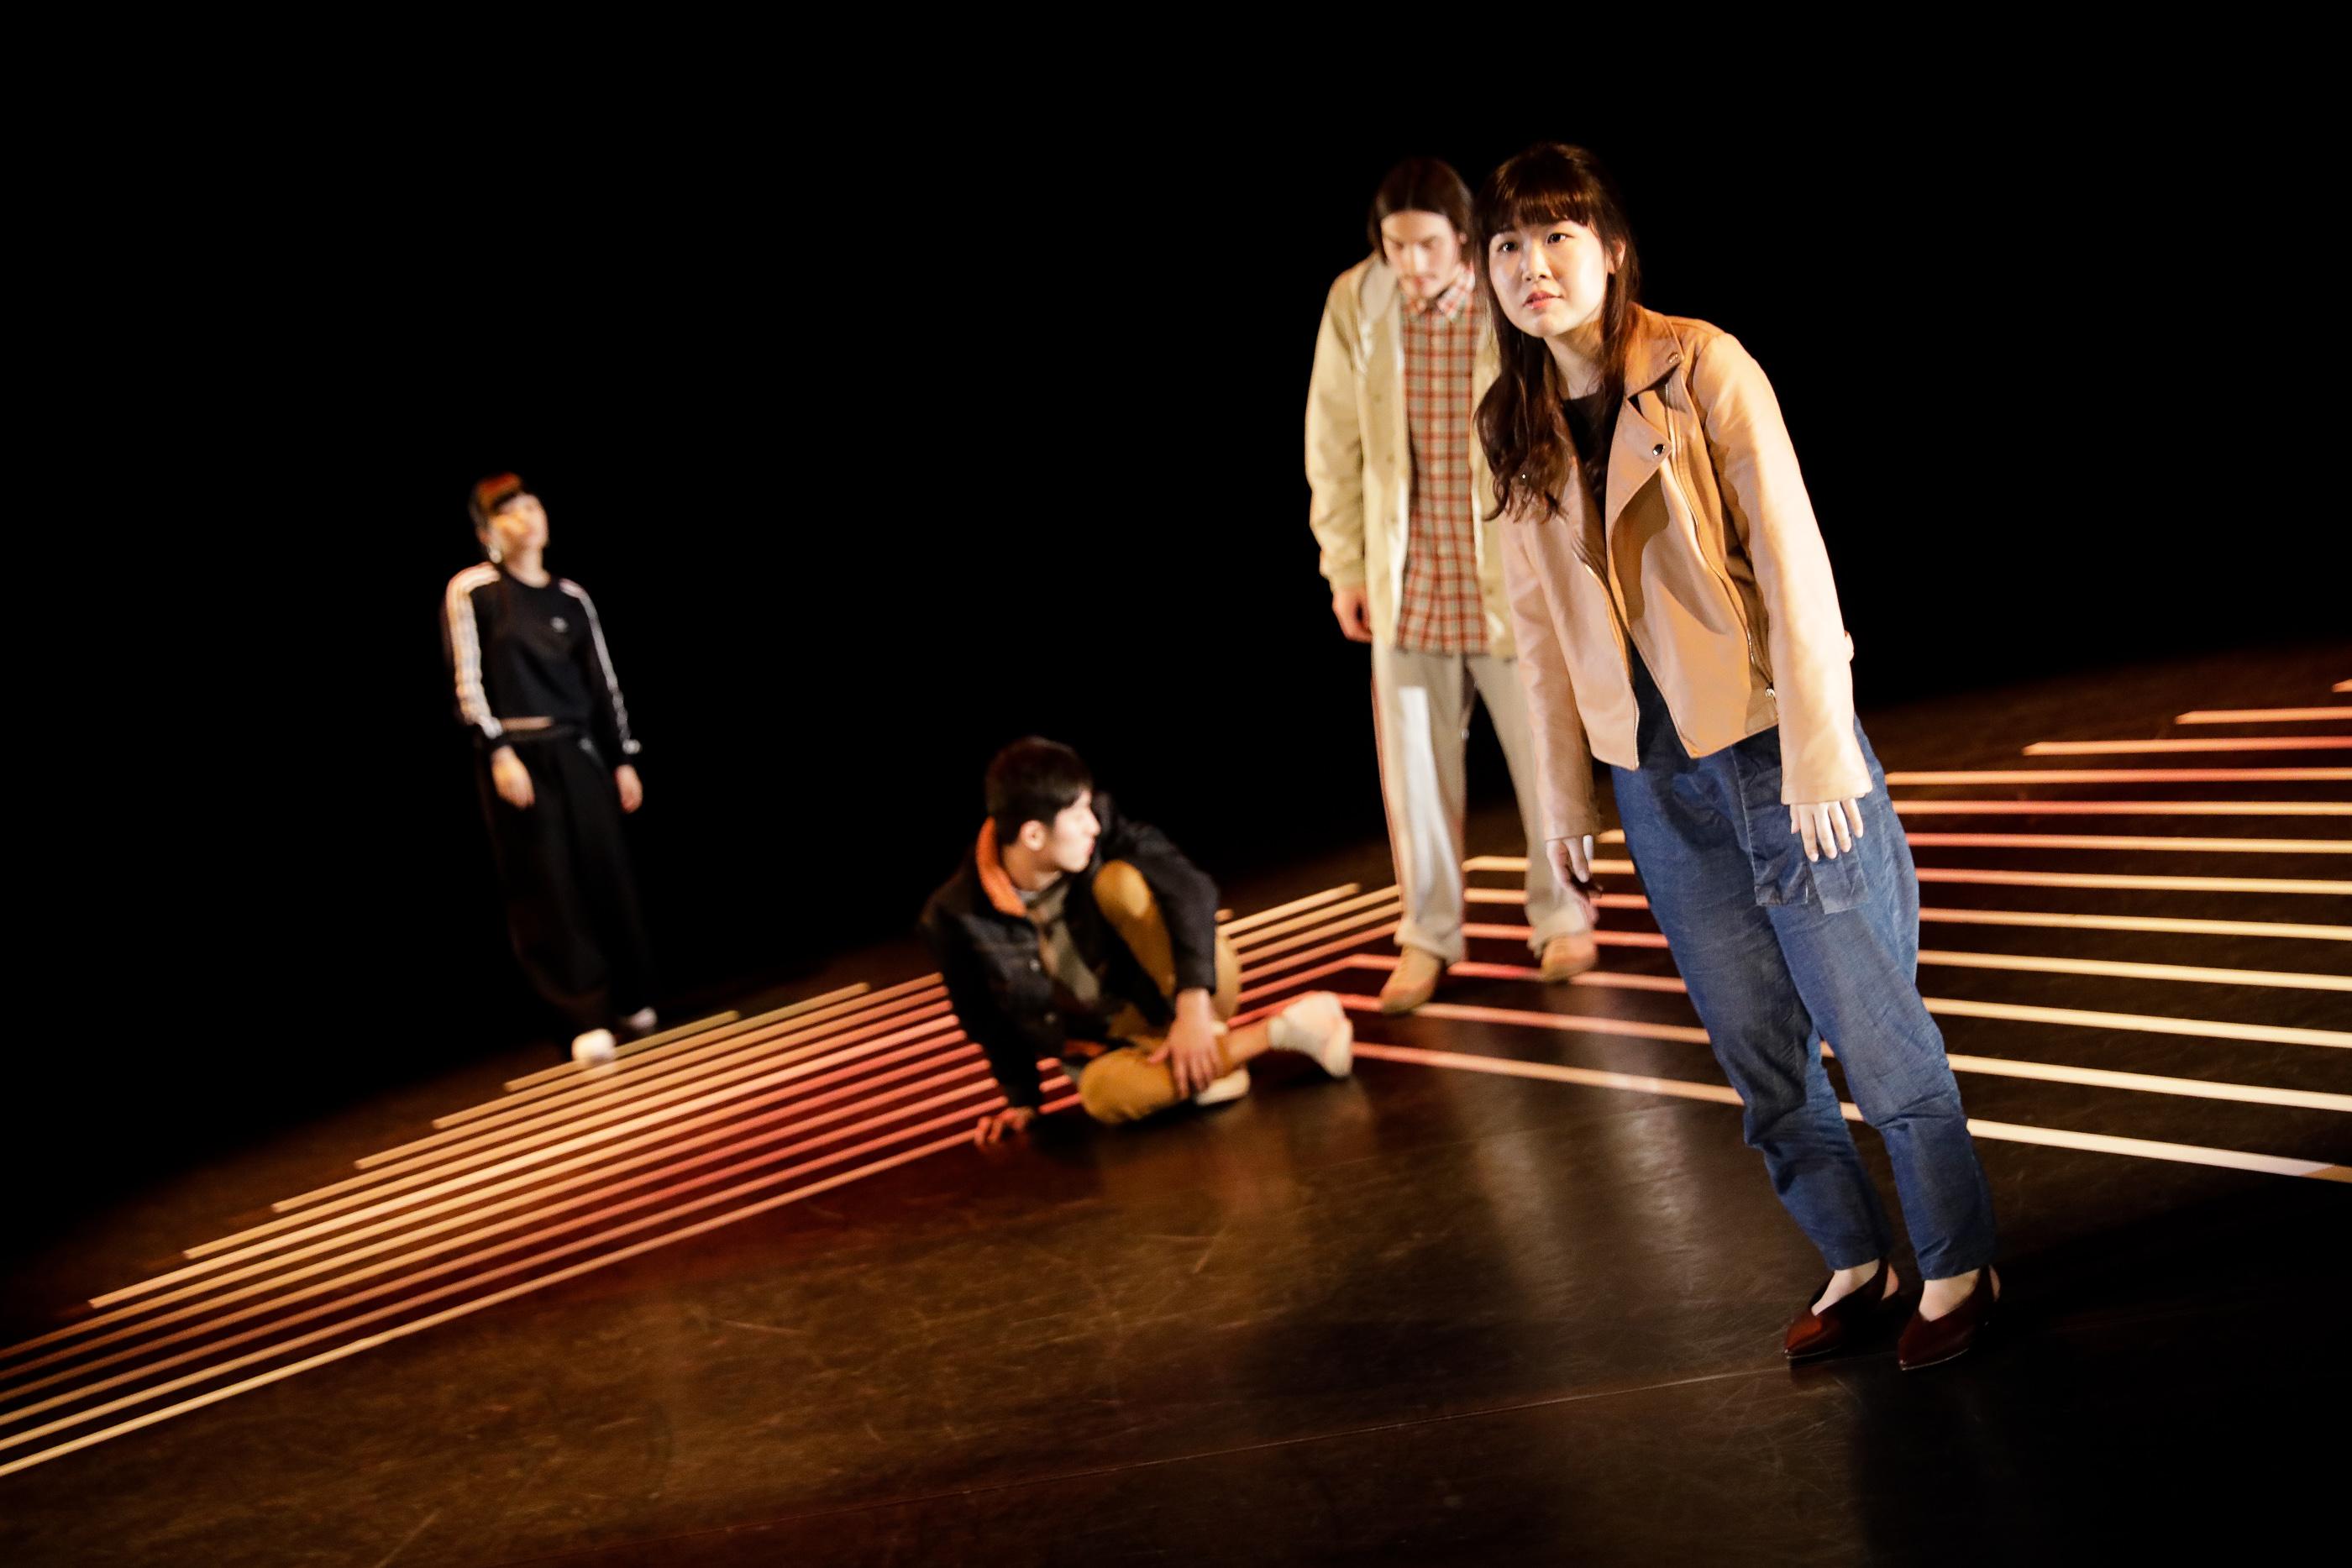 『三月の5日間』リクリエーション北京公演劇評:この日本の若者たち、どこかで会ったことあるかも